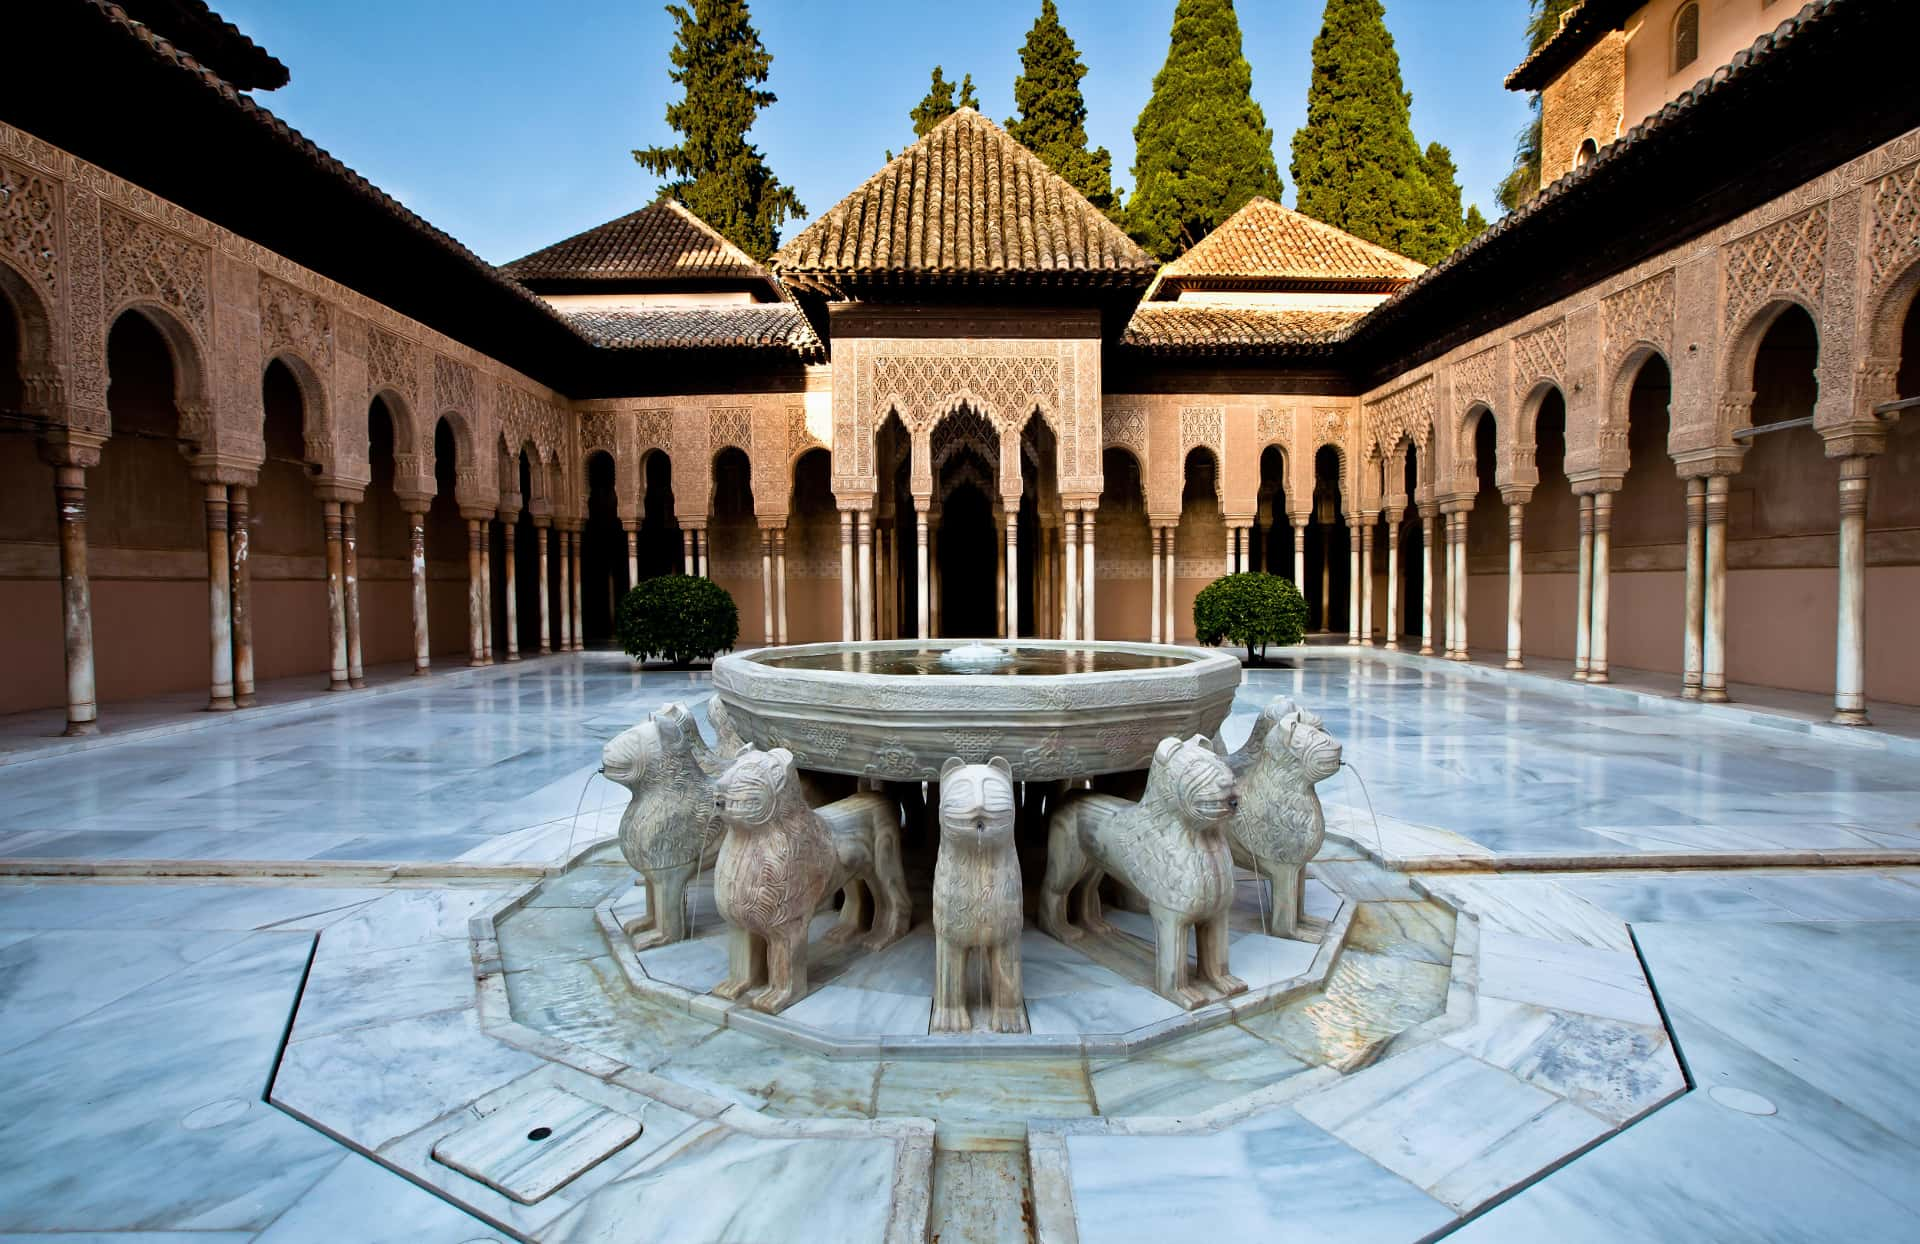 imagen del patio de los leones con la fuente en el centro